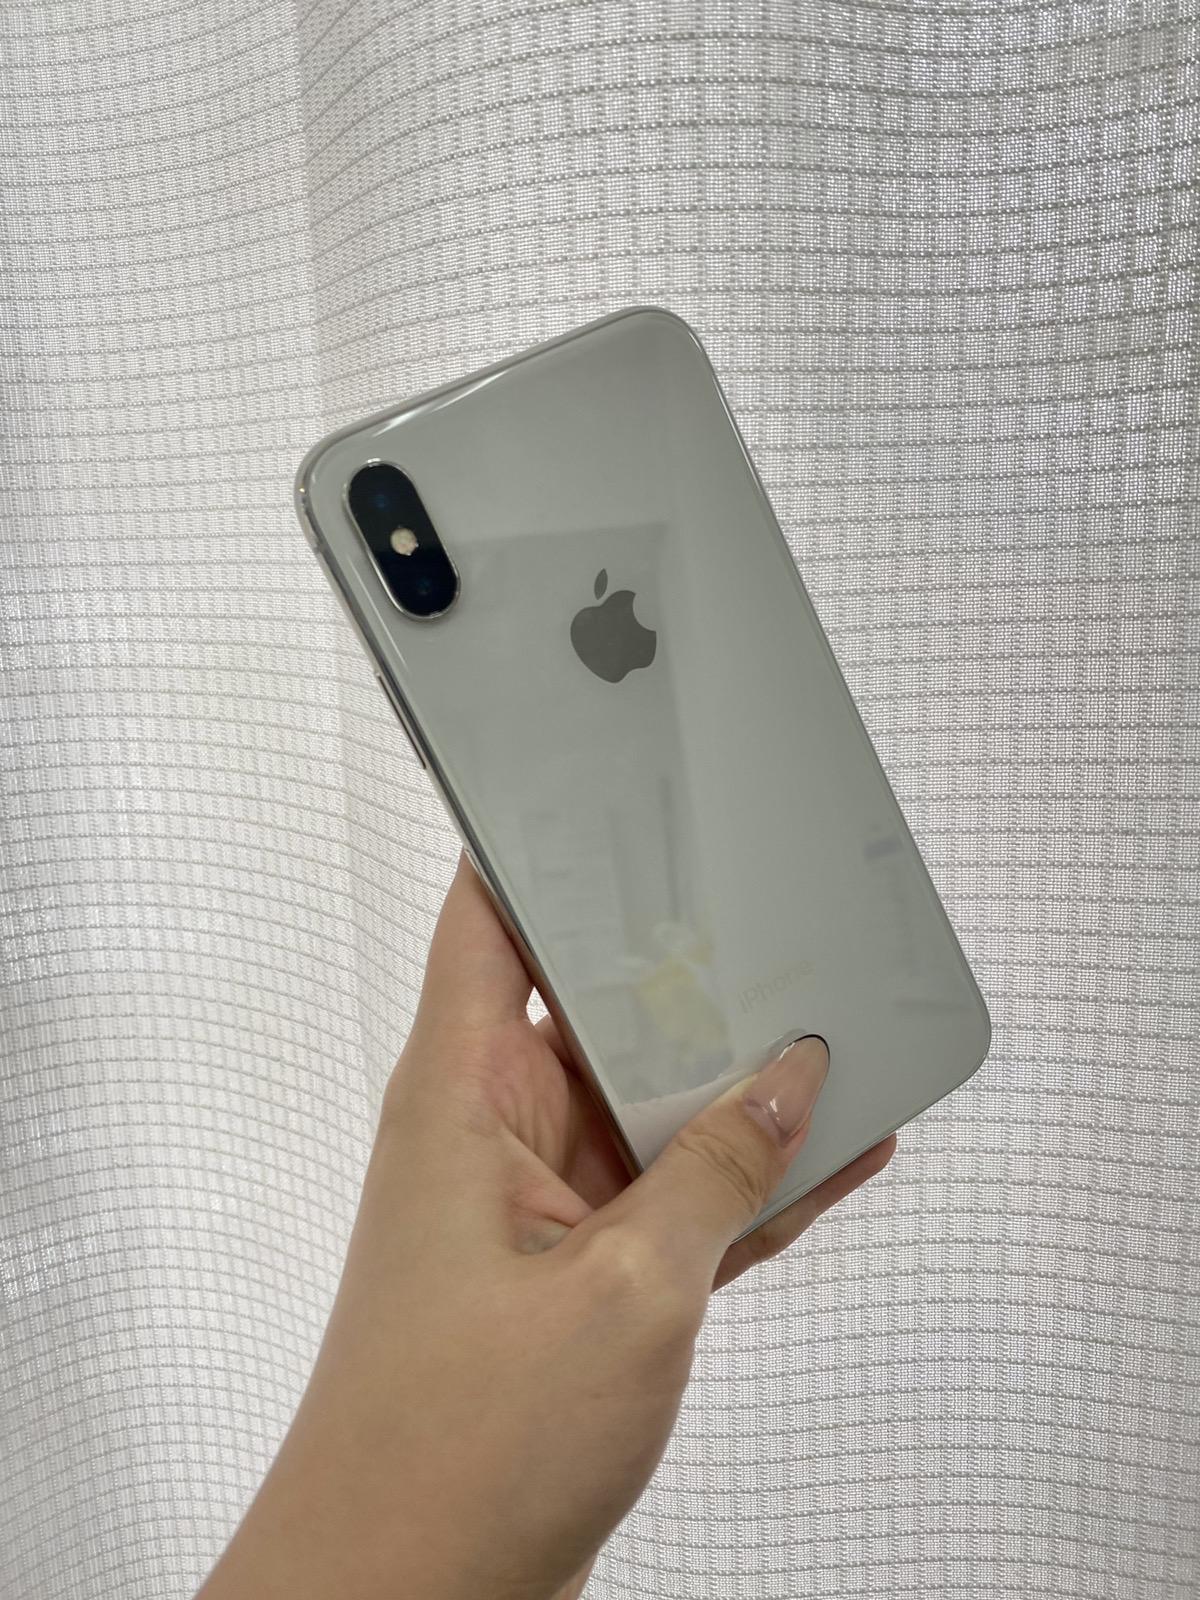 iPhoneX 256GB シルバー au○ 中古